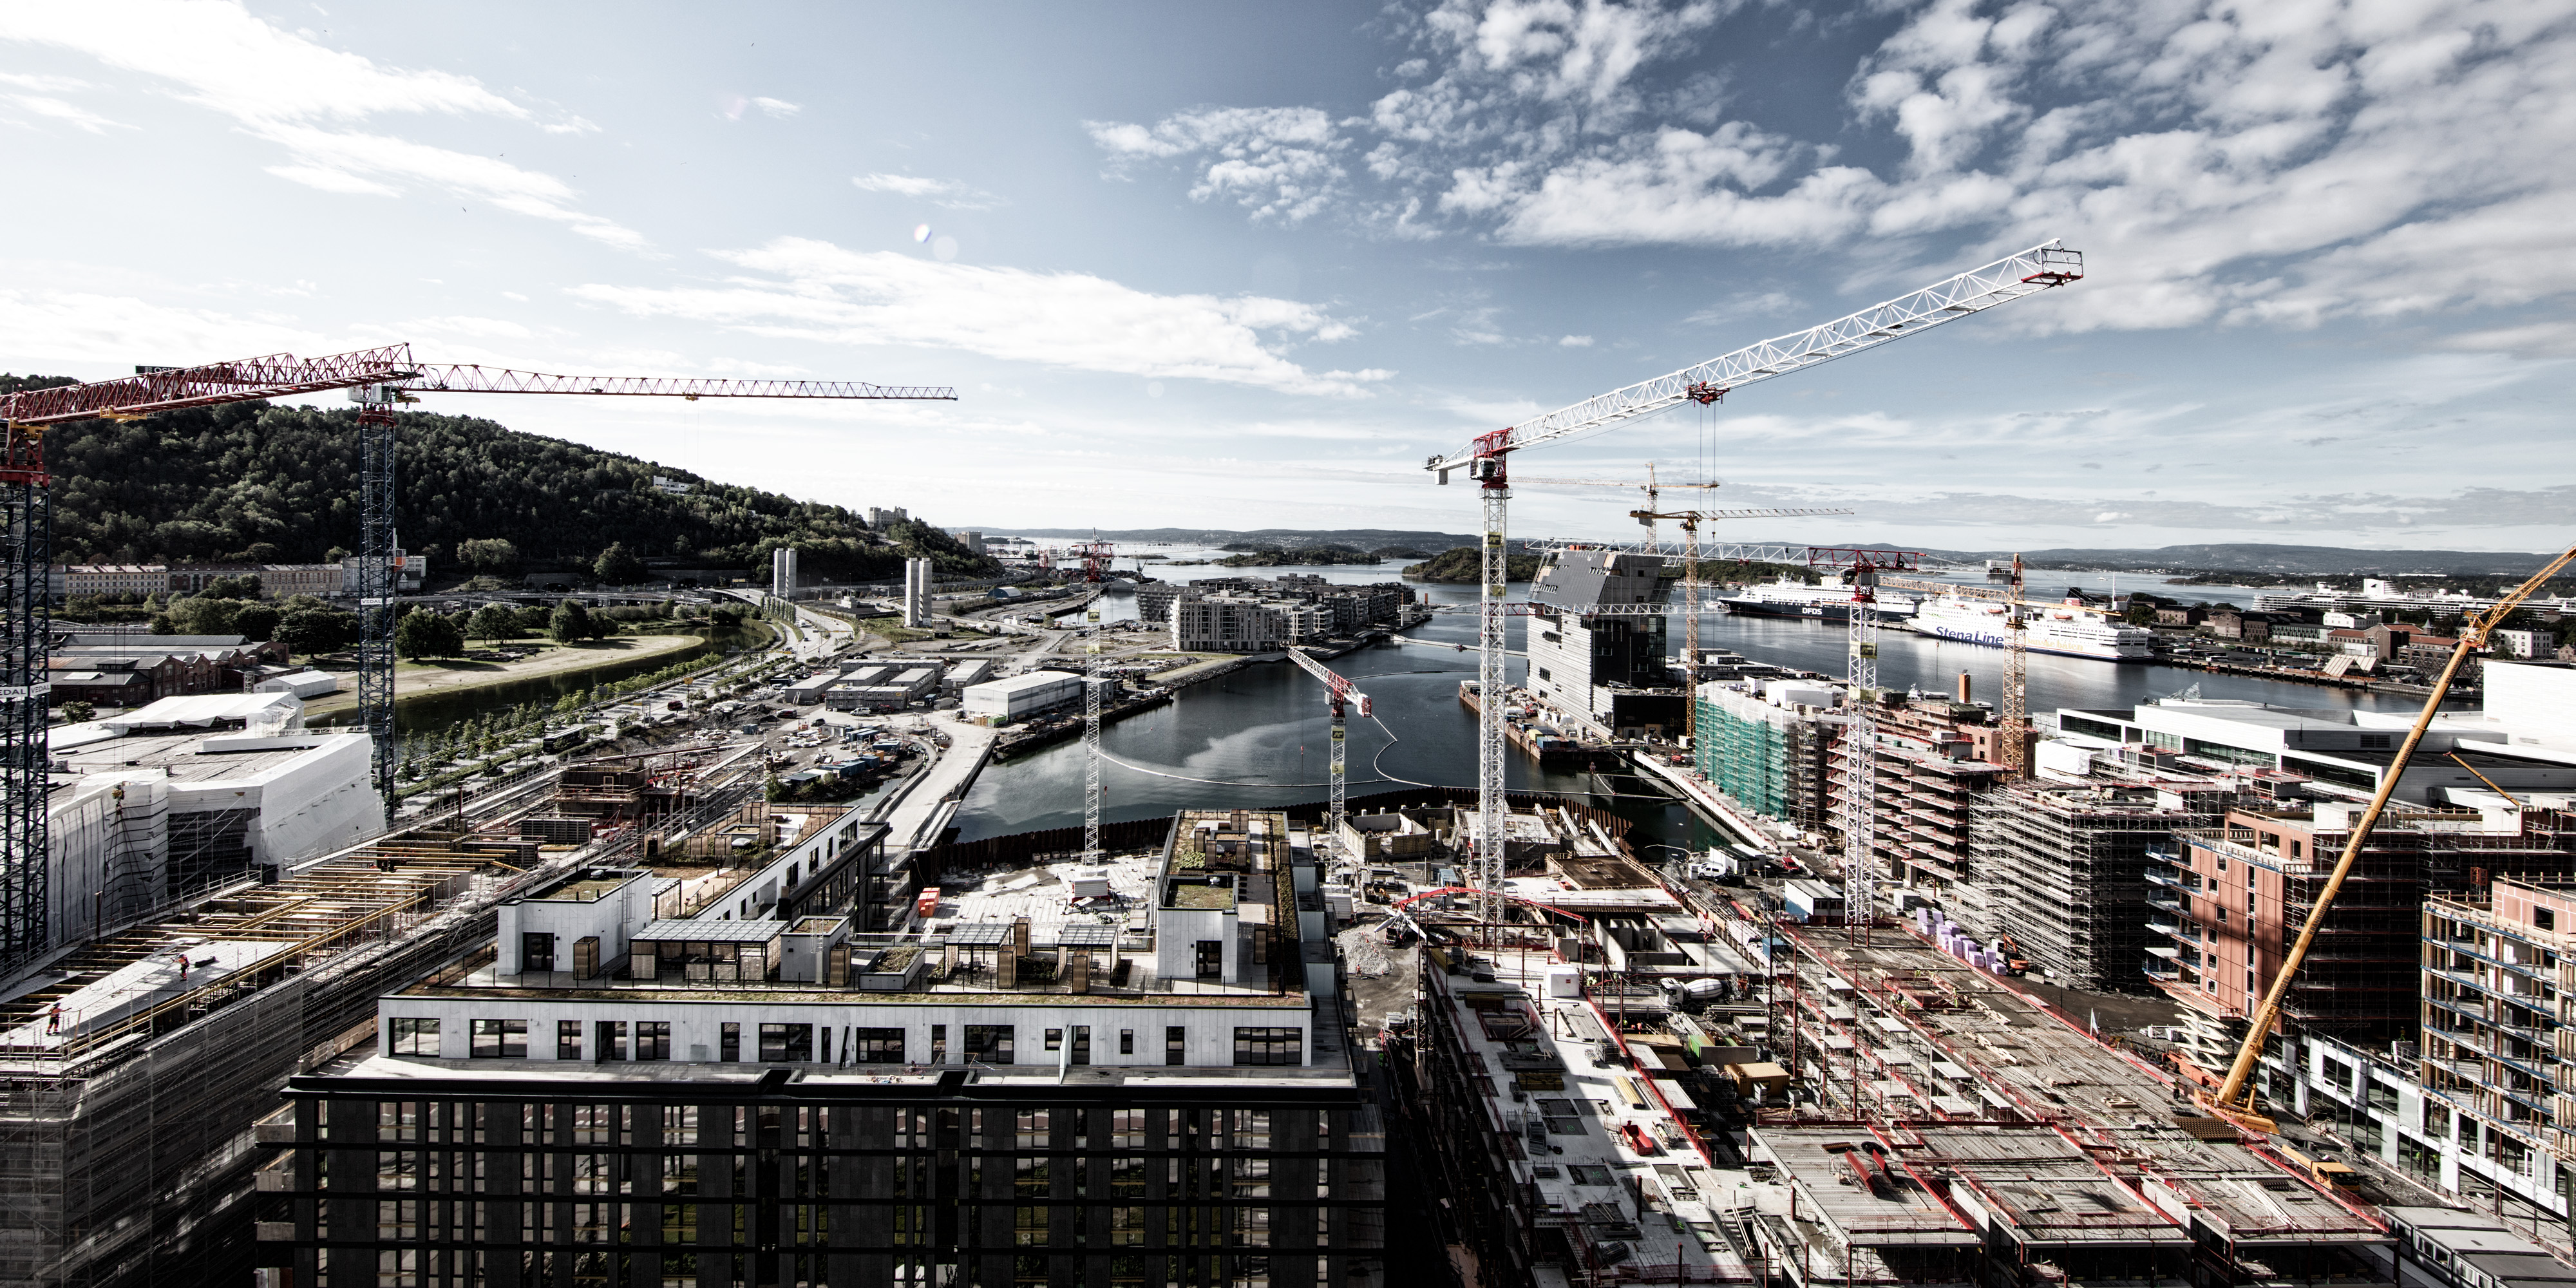 - Arkeologene slo fast at Bispevika hadde vært et område med yrende folkeliv der fiskeri og næring skapte et knutepunkt for byens innbyggere. Funnene har siden ført til at historien om Oslo har blitt skrevet på nytt.